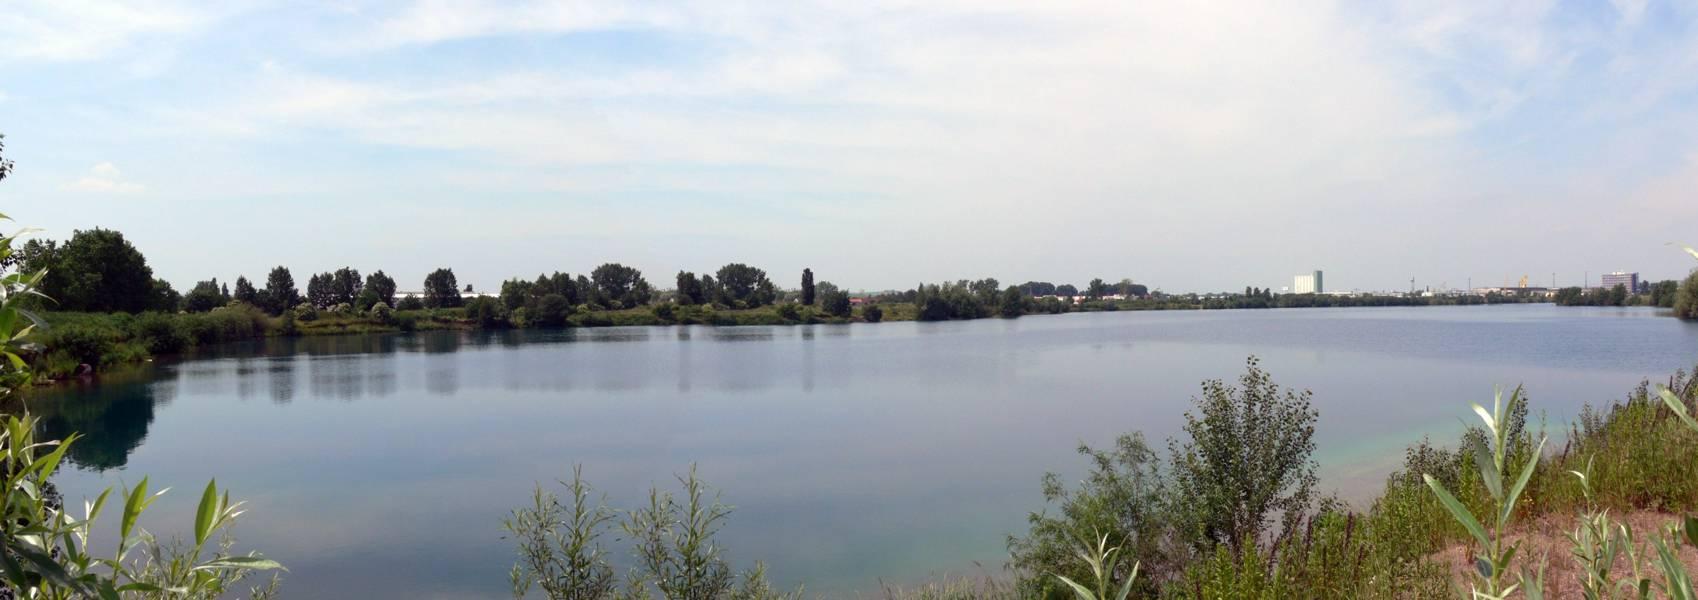 Sundhäuser See